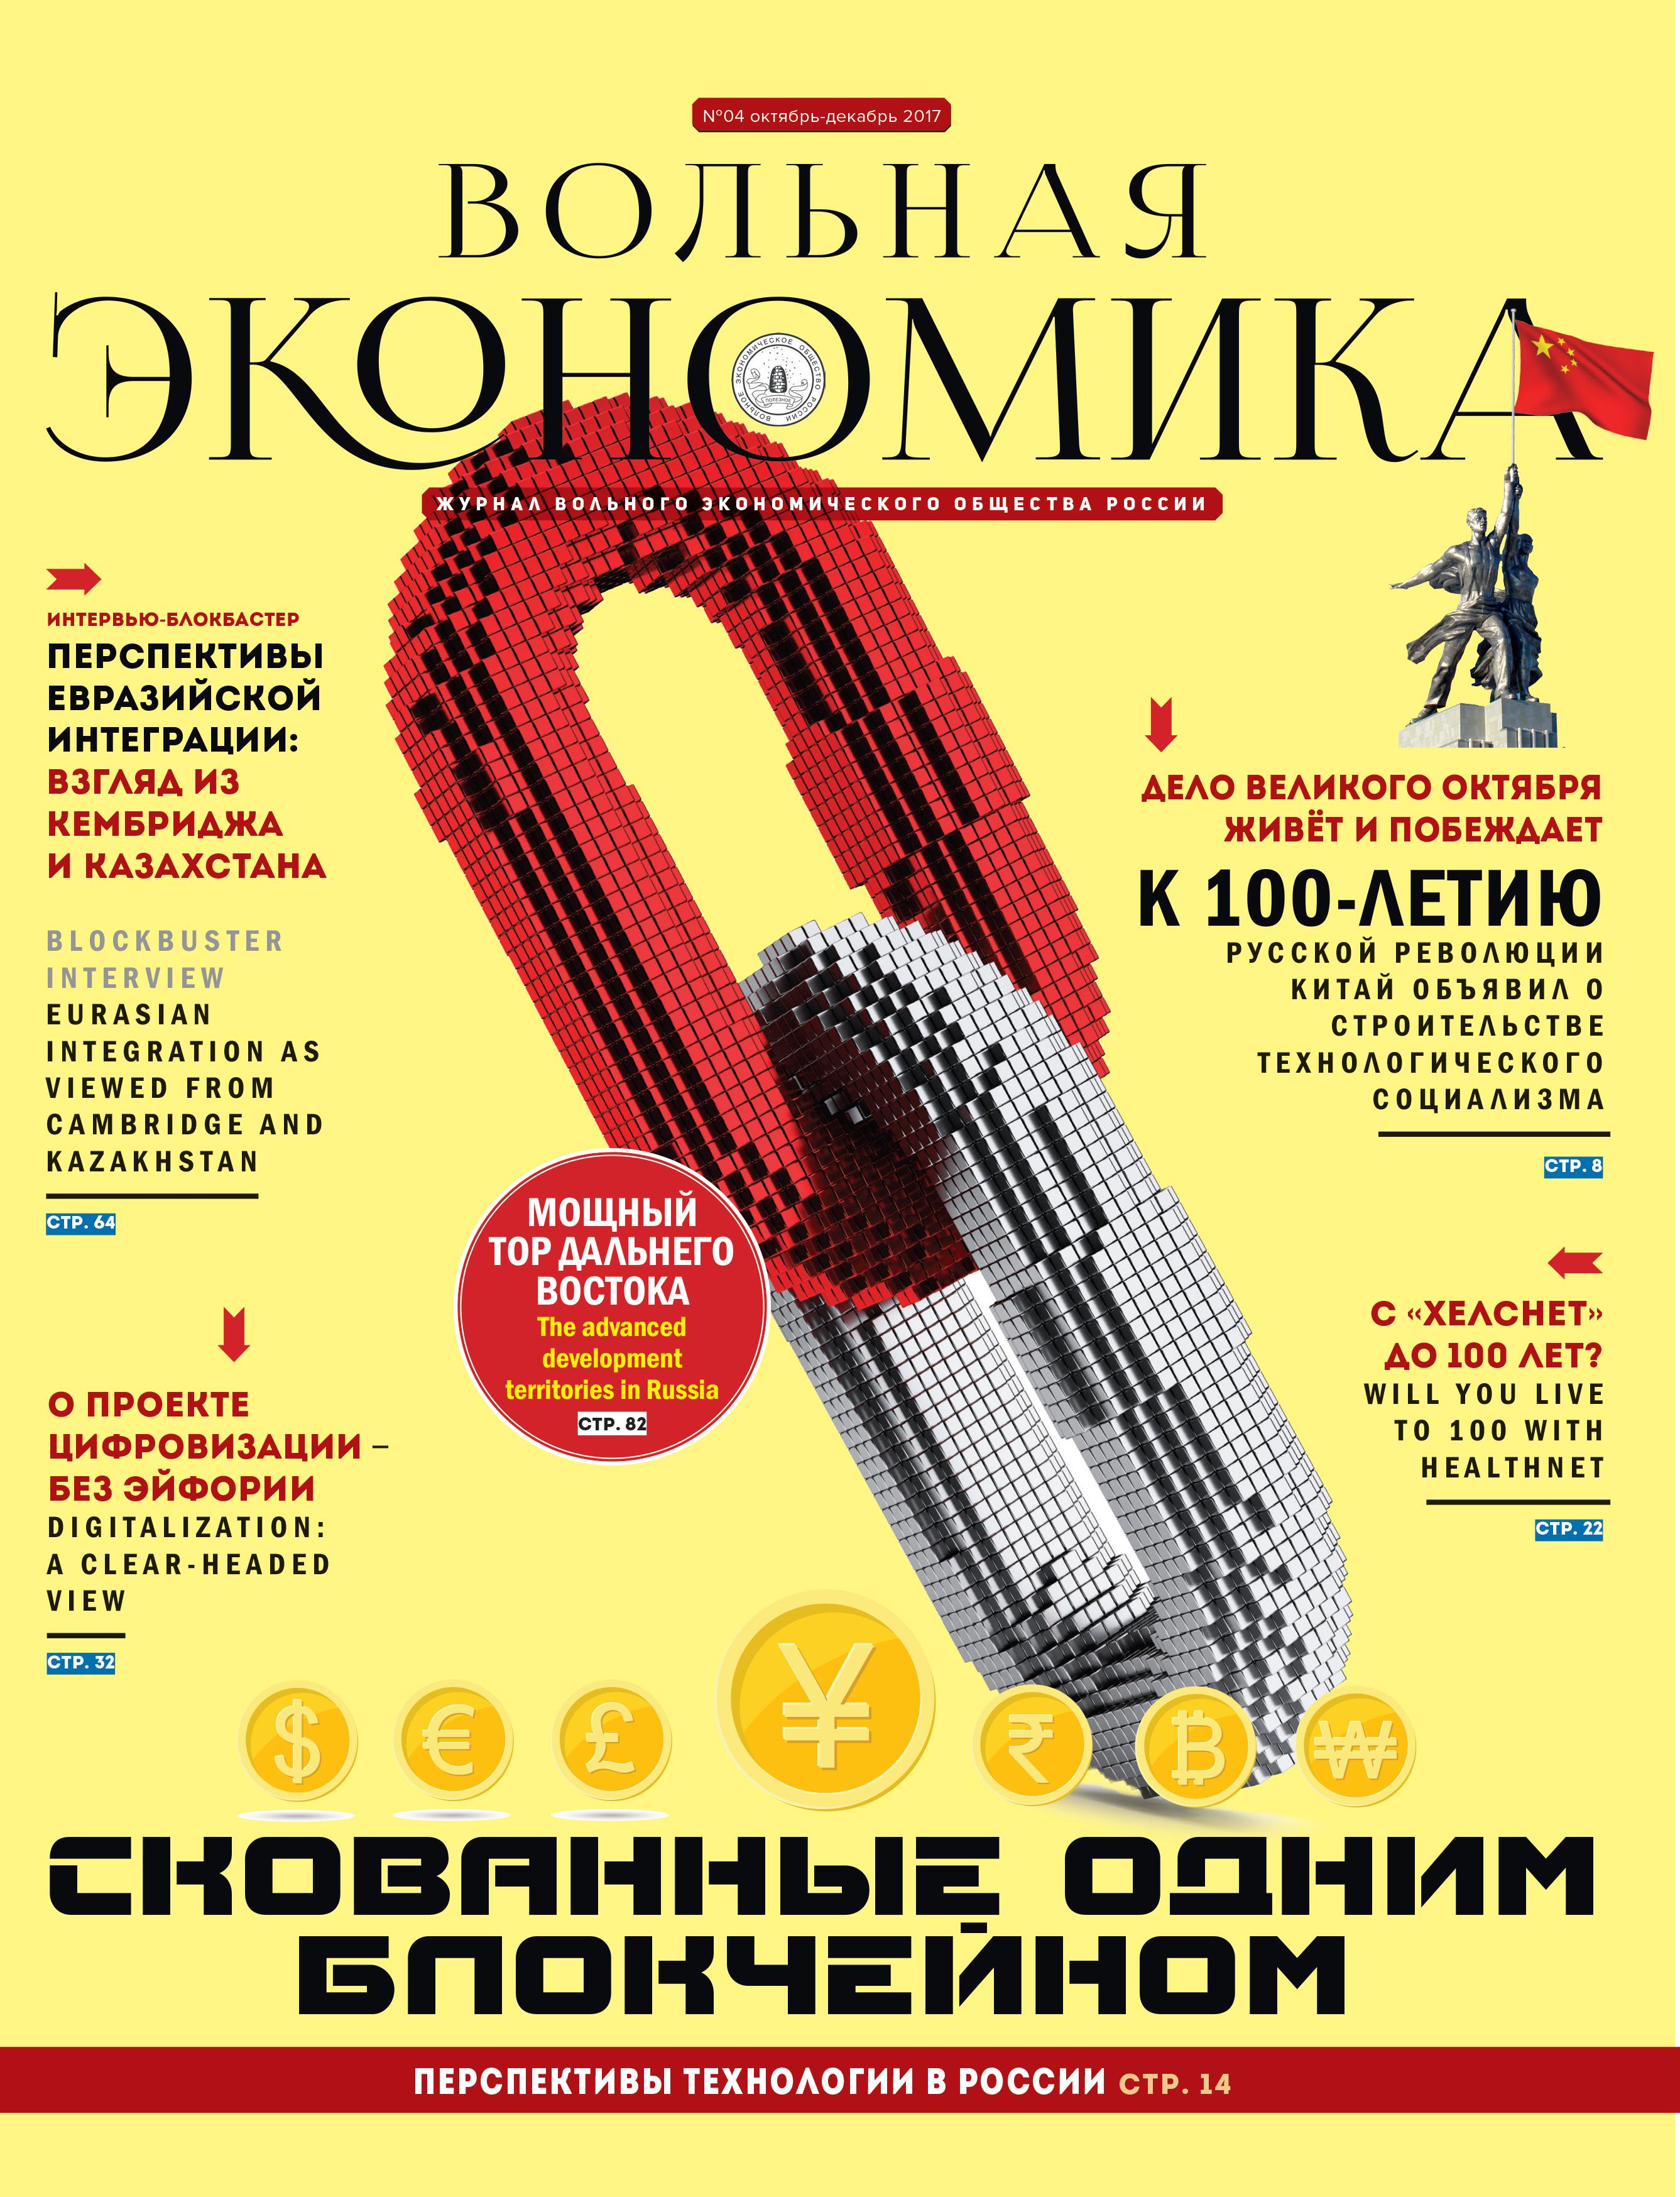 Пакет документов для получения кредита Вольный переулок документы для кредита в москве Рогожская Застава площадь